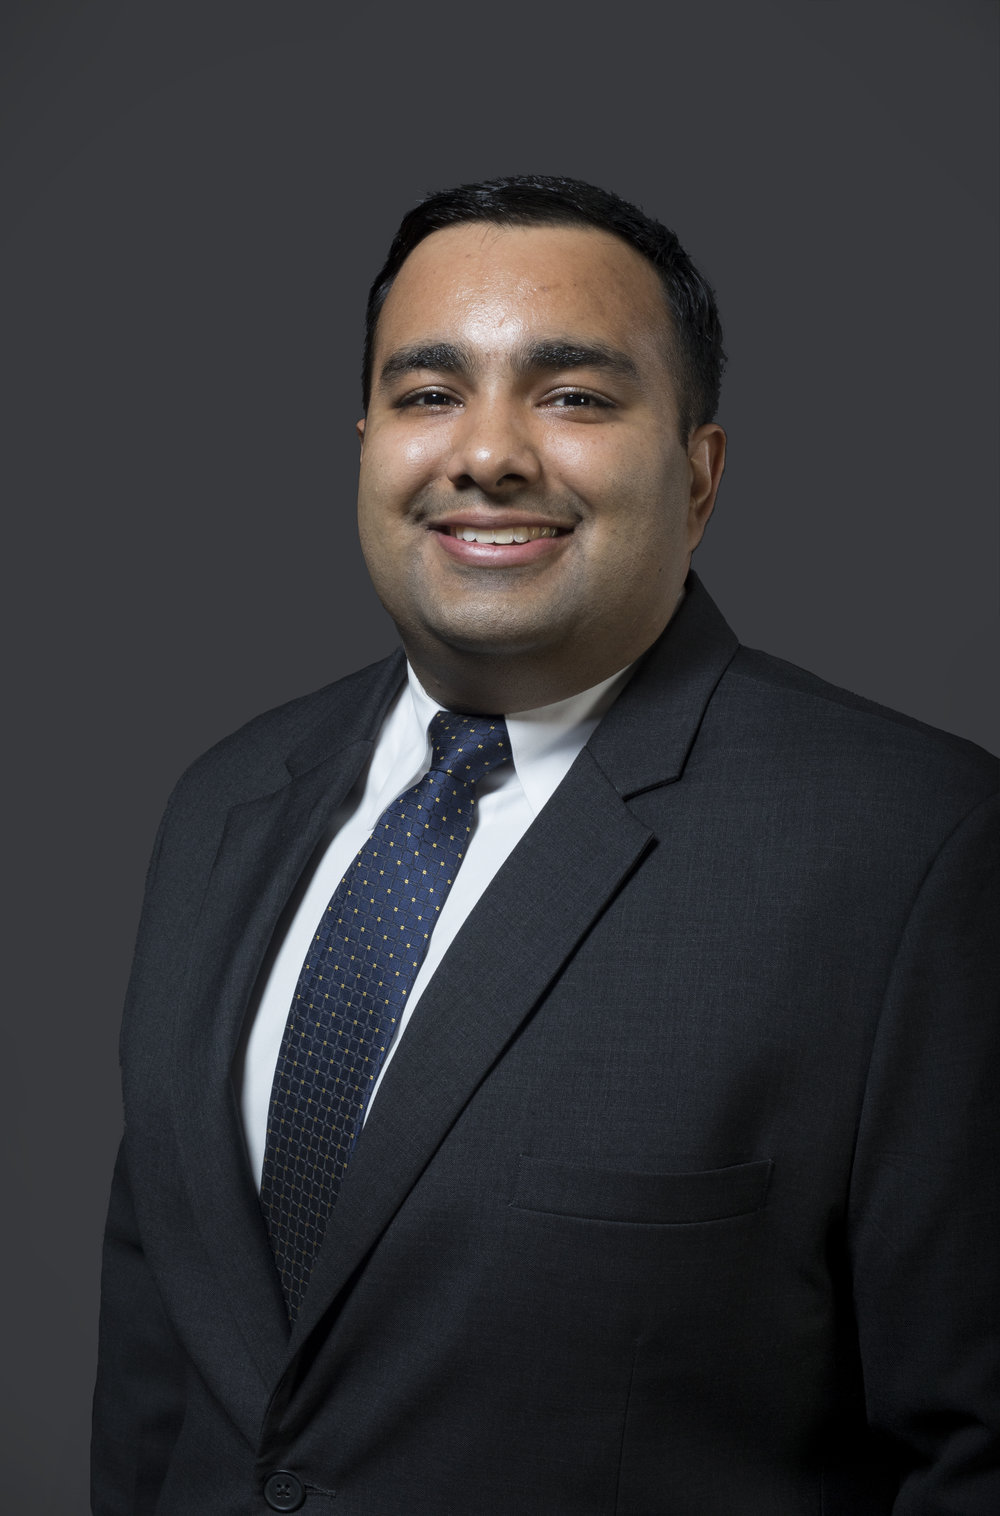 Yash Pahwa - Attorney | Managing Partner